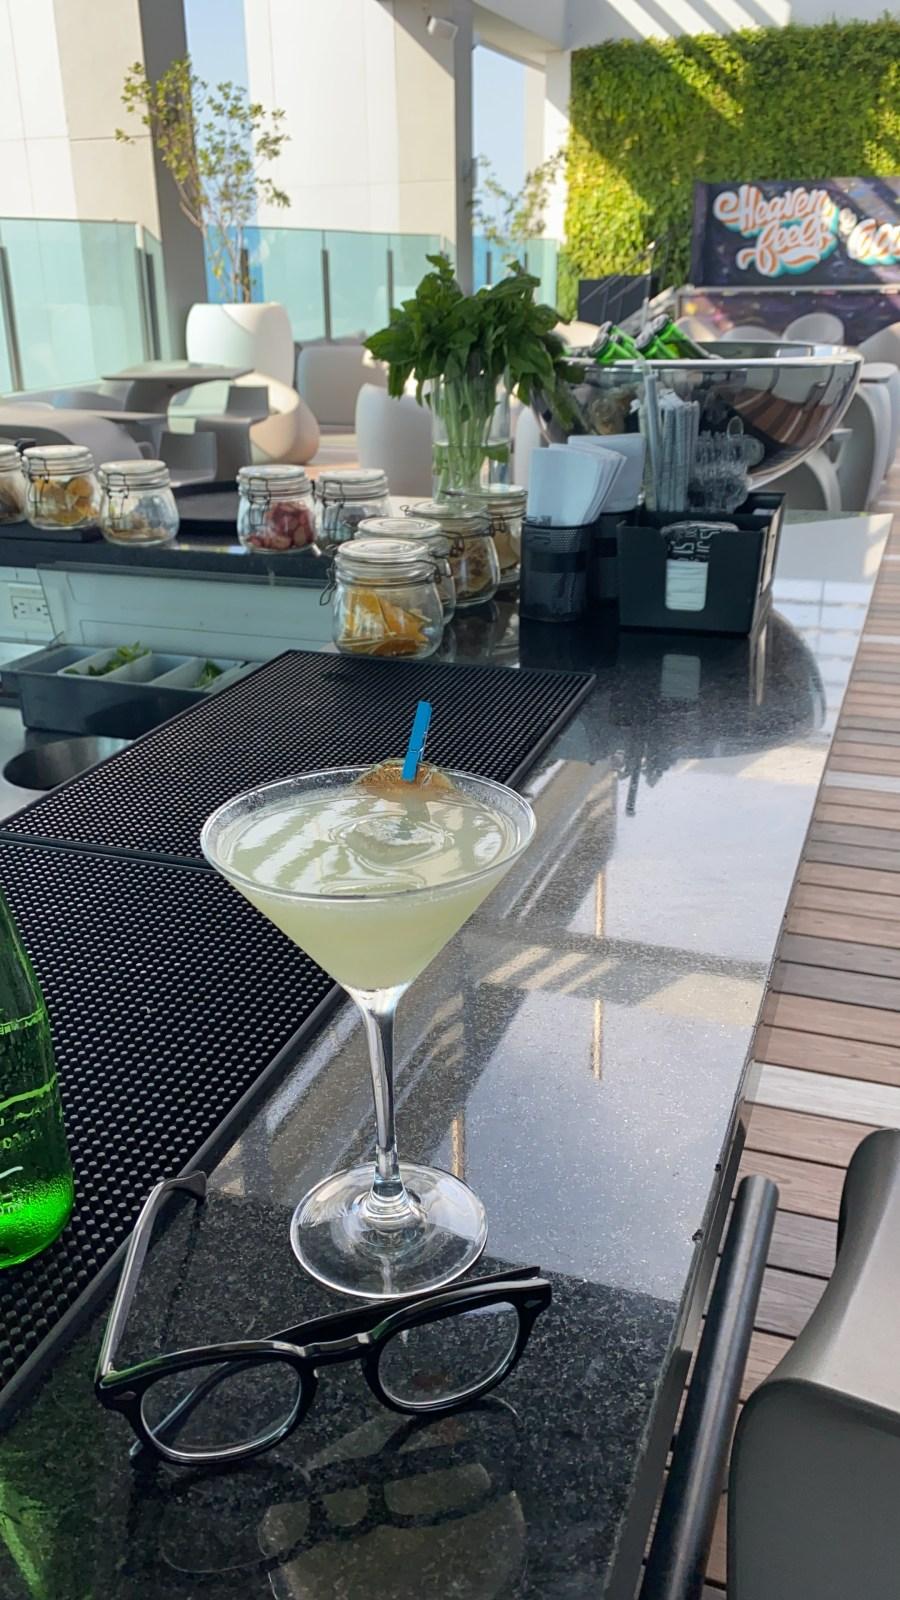 51 Sky Bar at the Hotel Estelar Cartagena De Indias